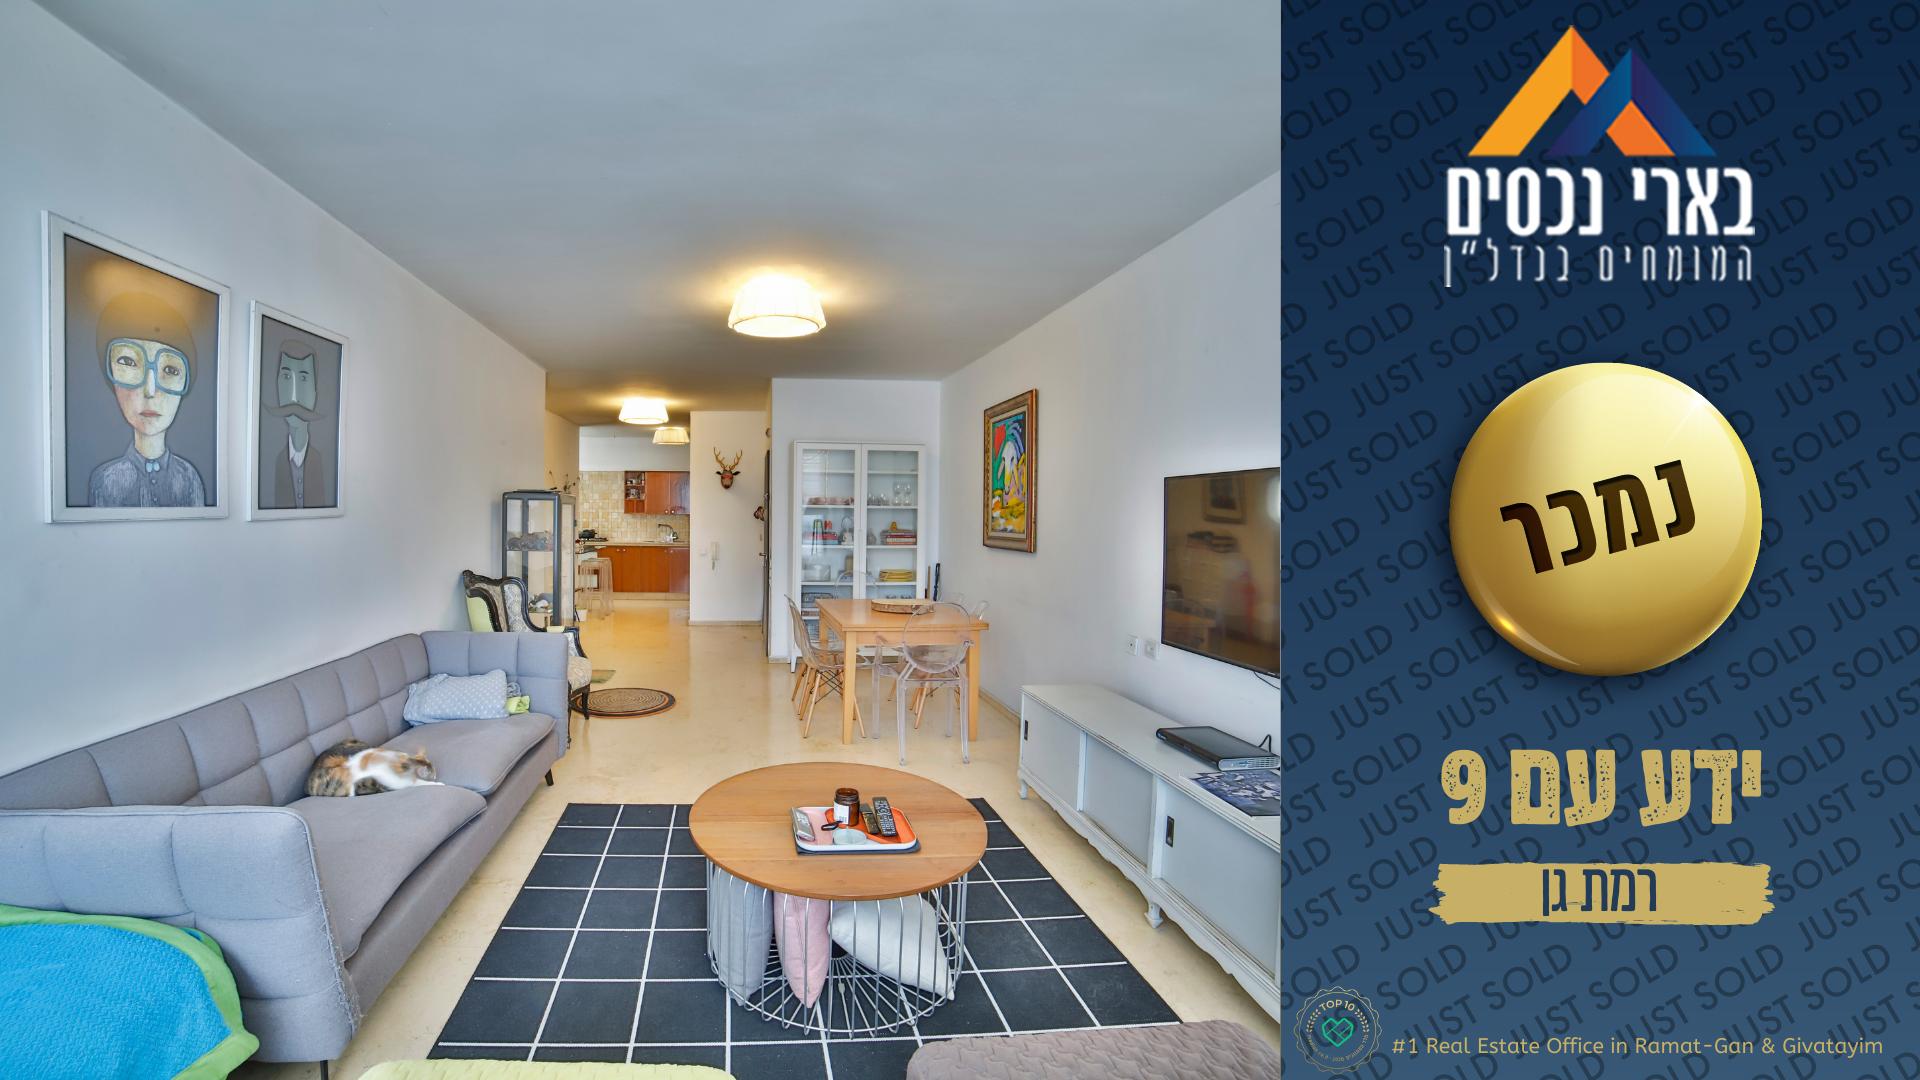 ברח׳ ידע עם 9 – נמכרה דירת 4 חד׳